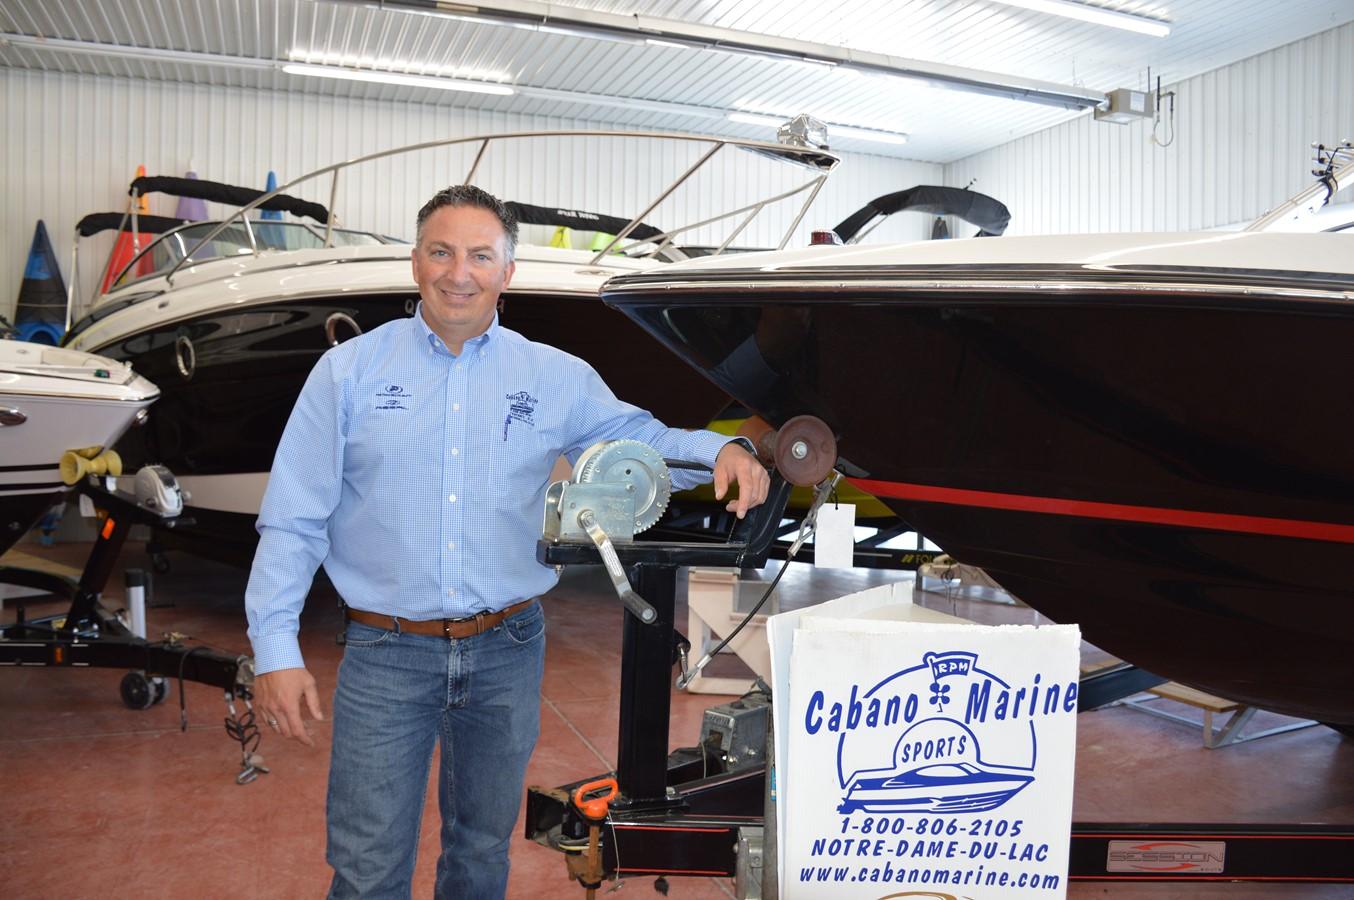 Cabano Marine et Sports ouvre une nouvelle division de roulottes - Info Dimanche